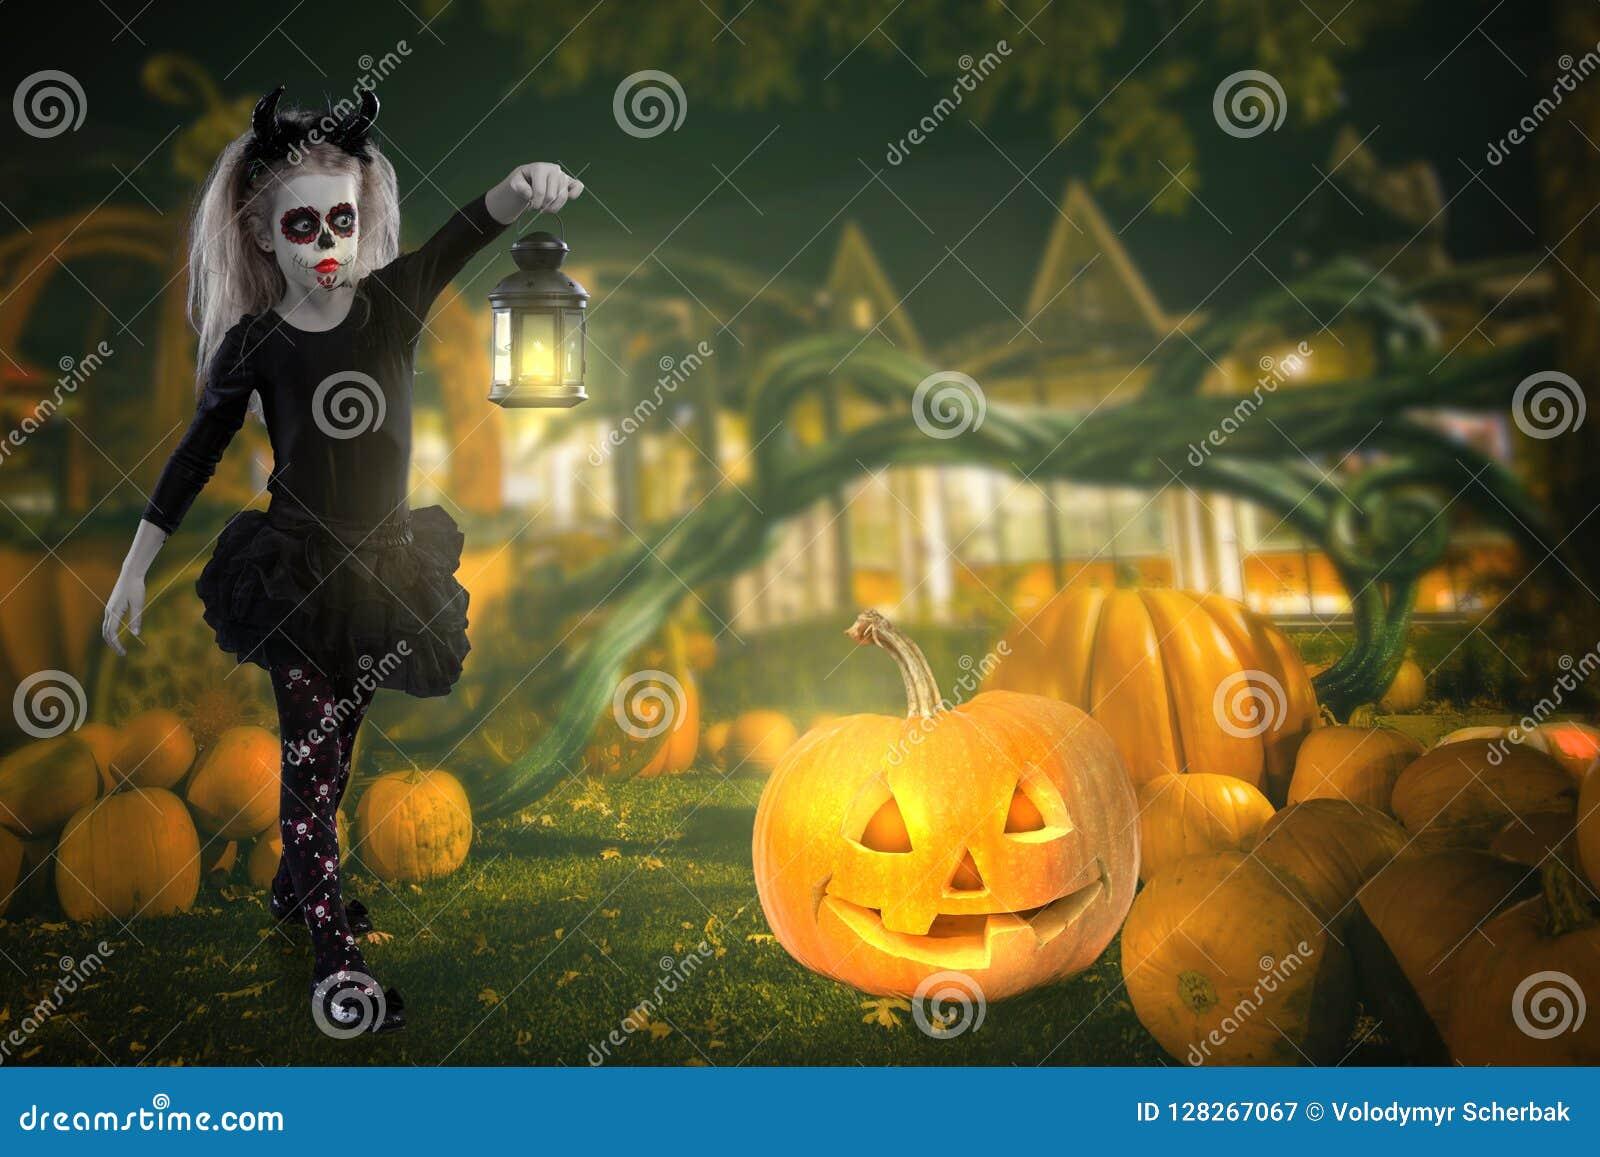 Petite fille dans un costume de sorcière posant avec des potirons au-dessus de fond féerique Veille de la toussaint